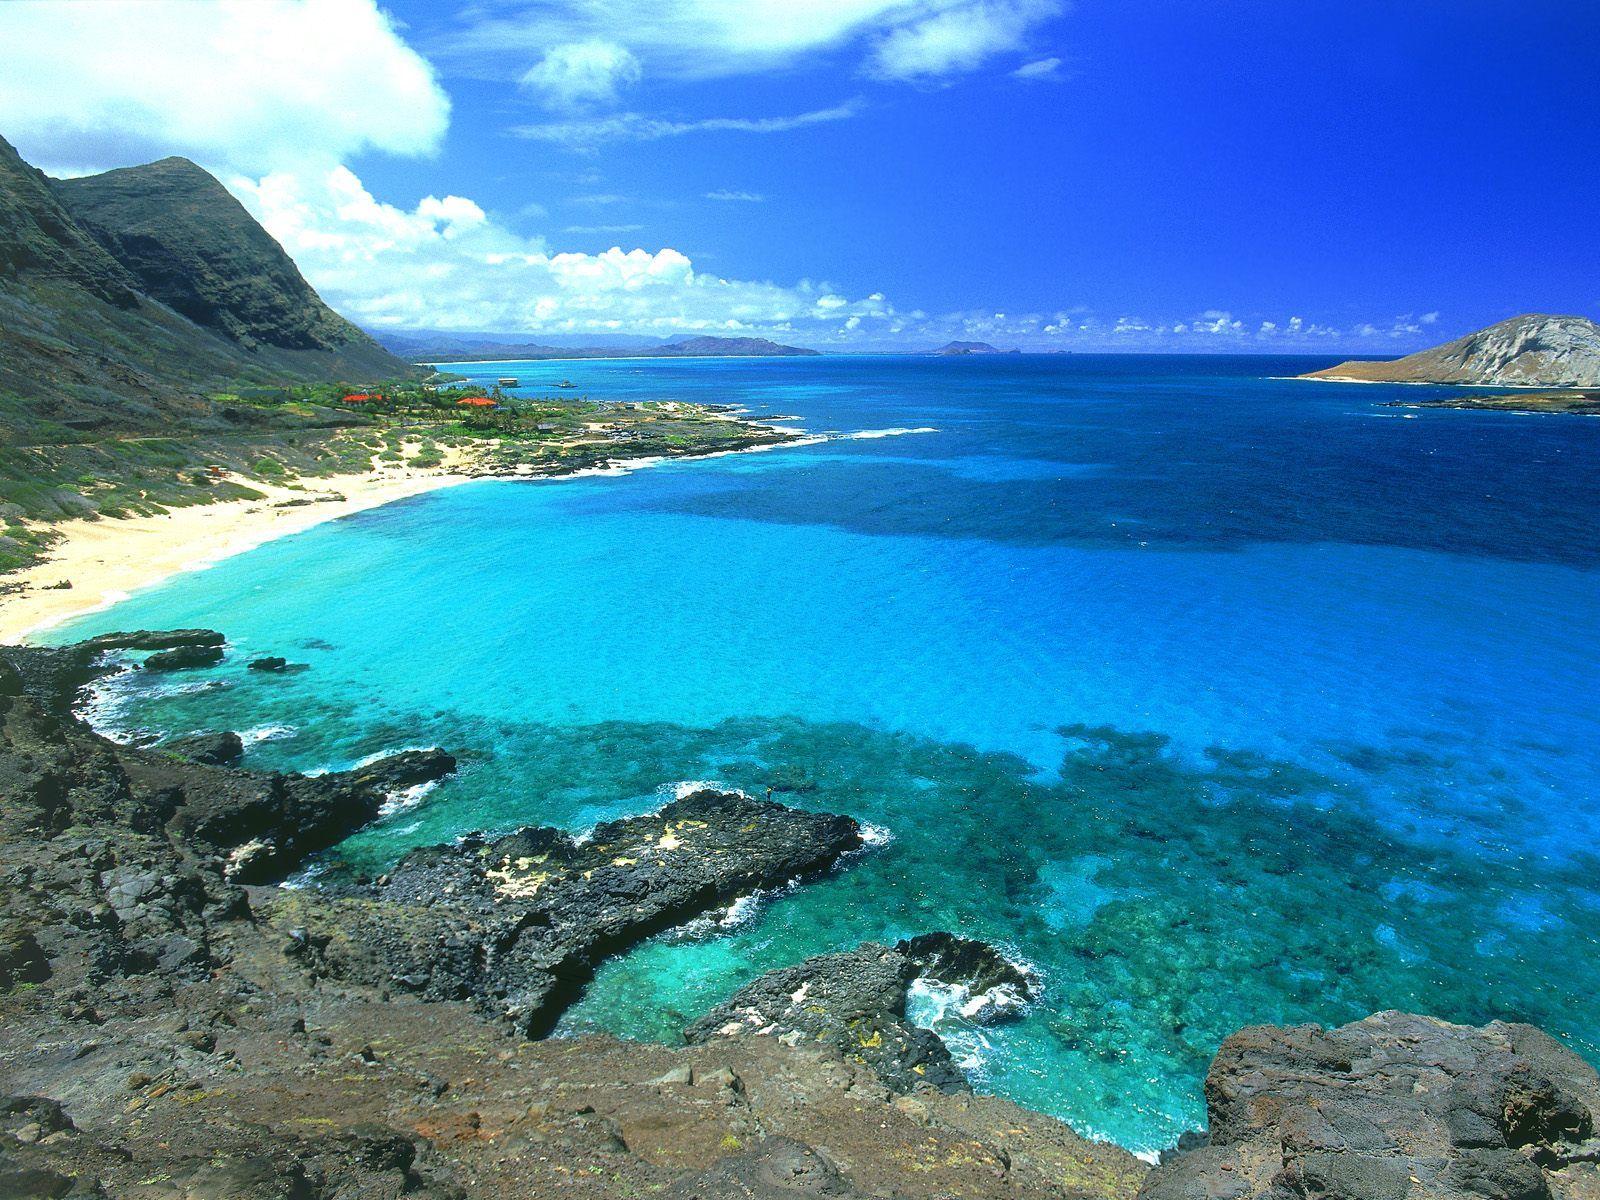 Mijn volgende reis naar: Hawaii